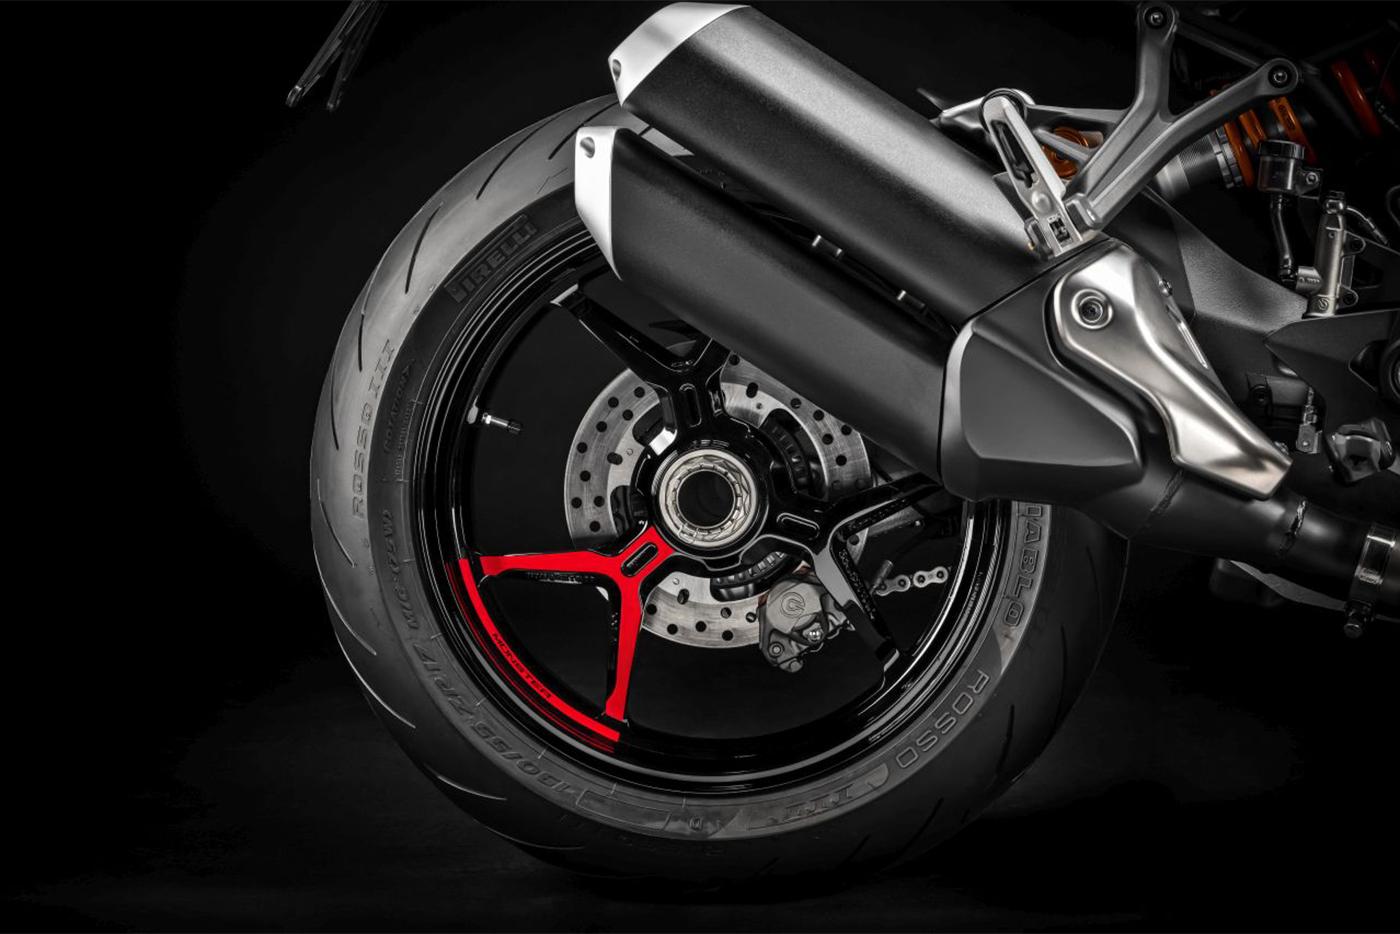 ducati-monster-1200s-black-on-black-8.jpg